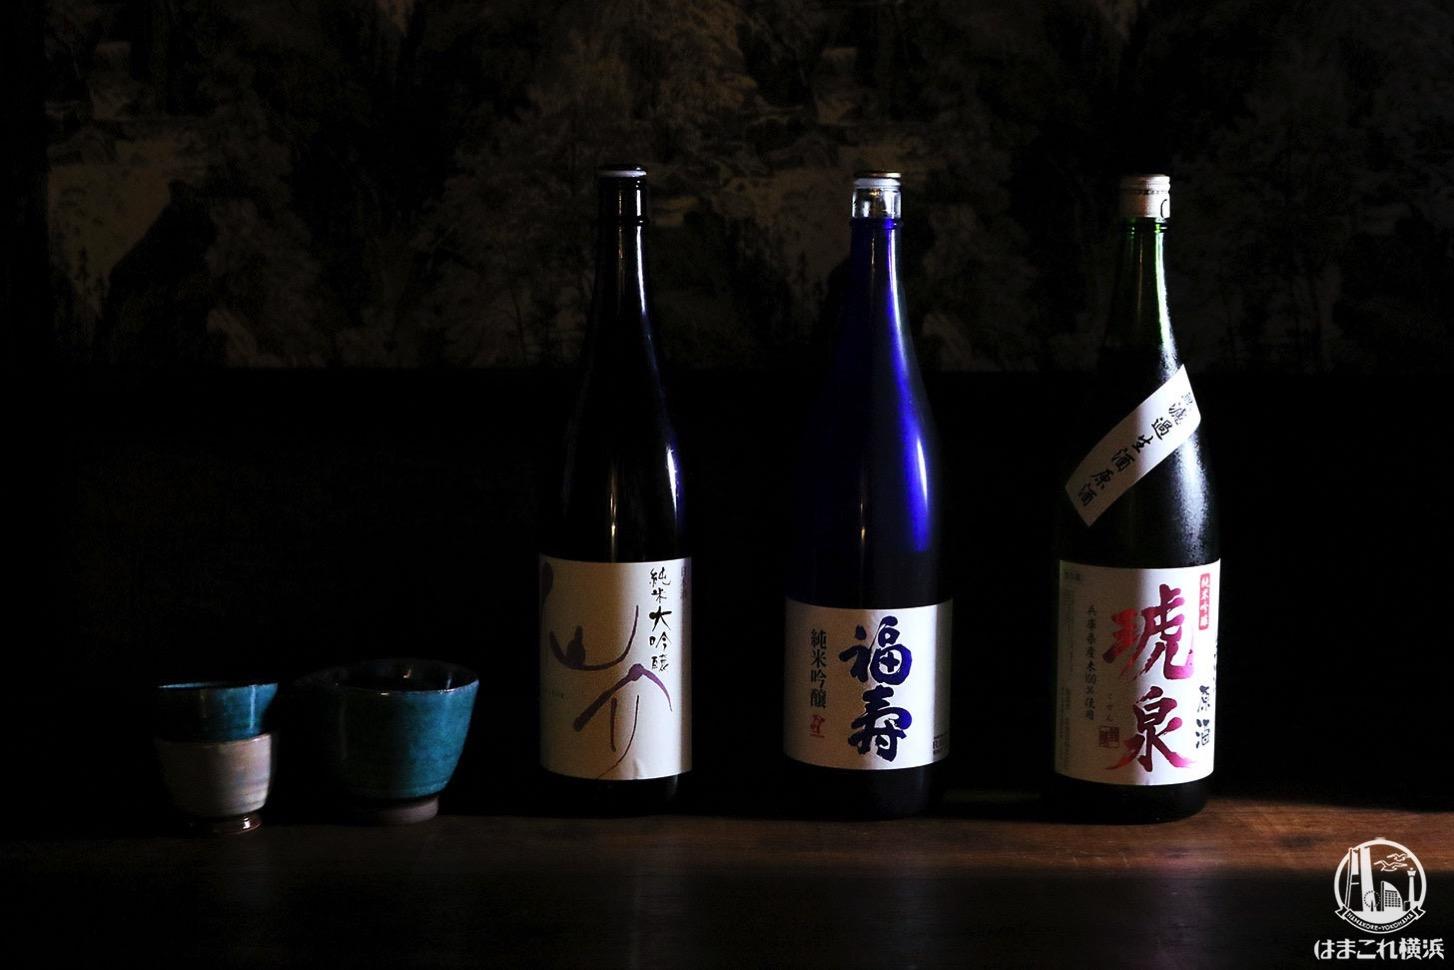 灘の日本酒 福寿 純米吟醸 680円 他